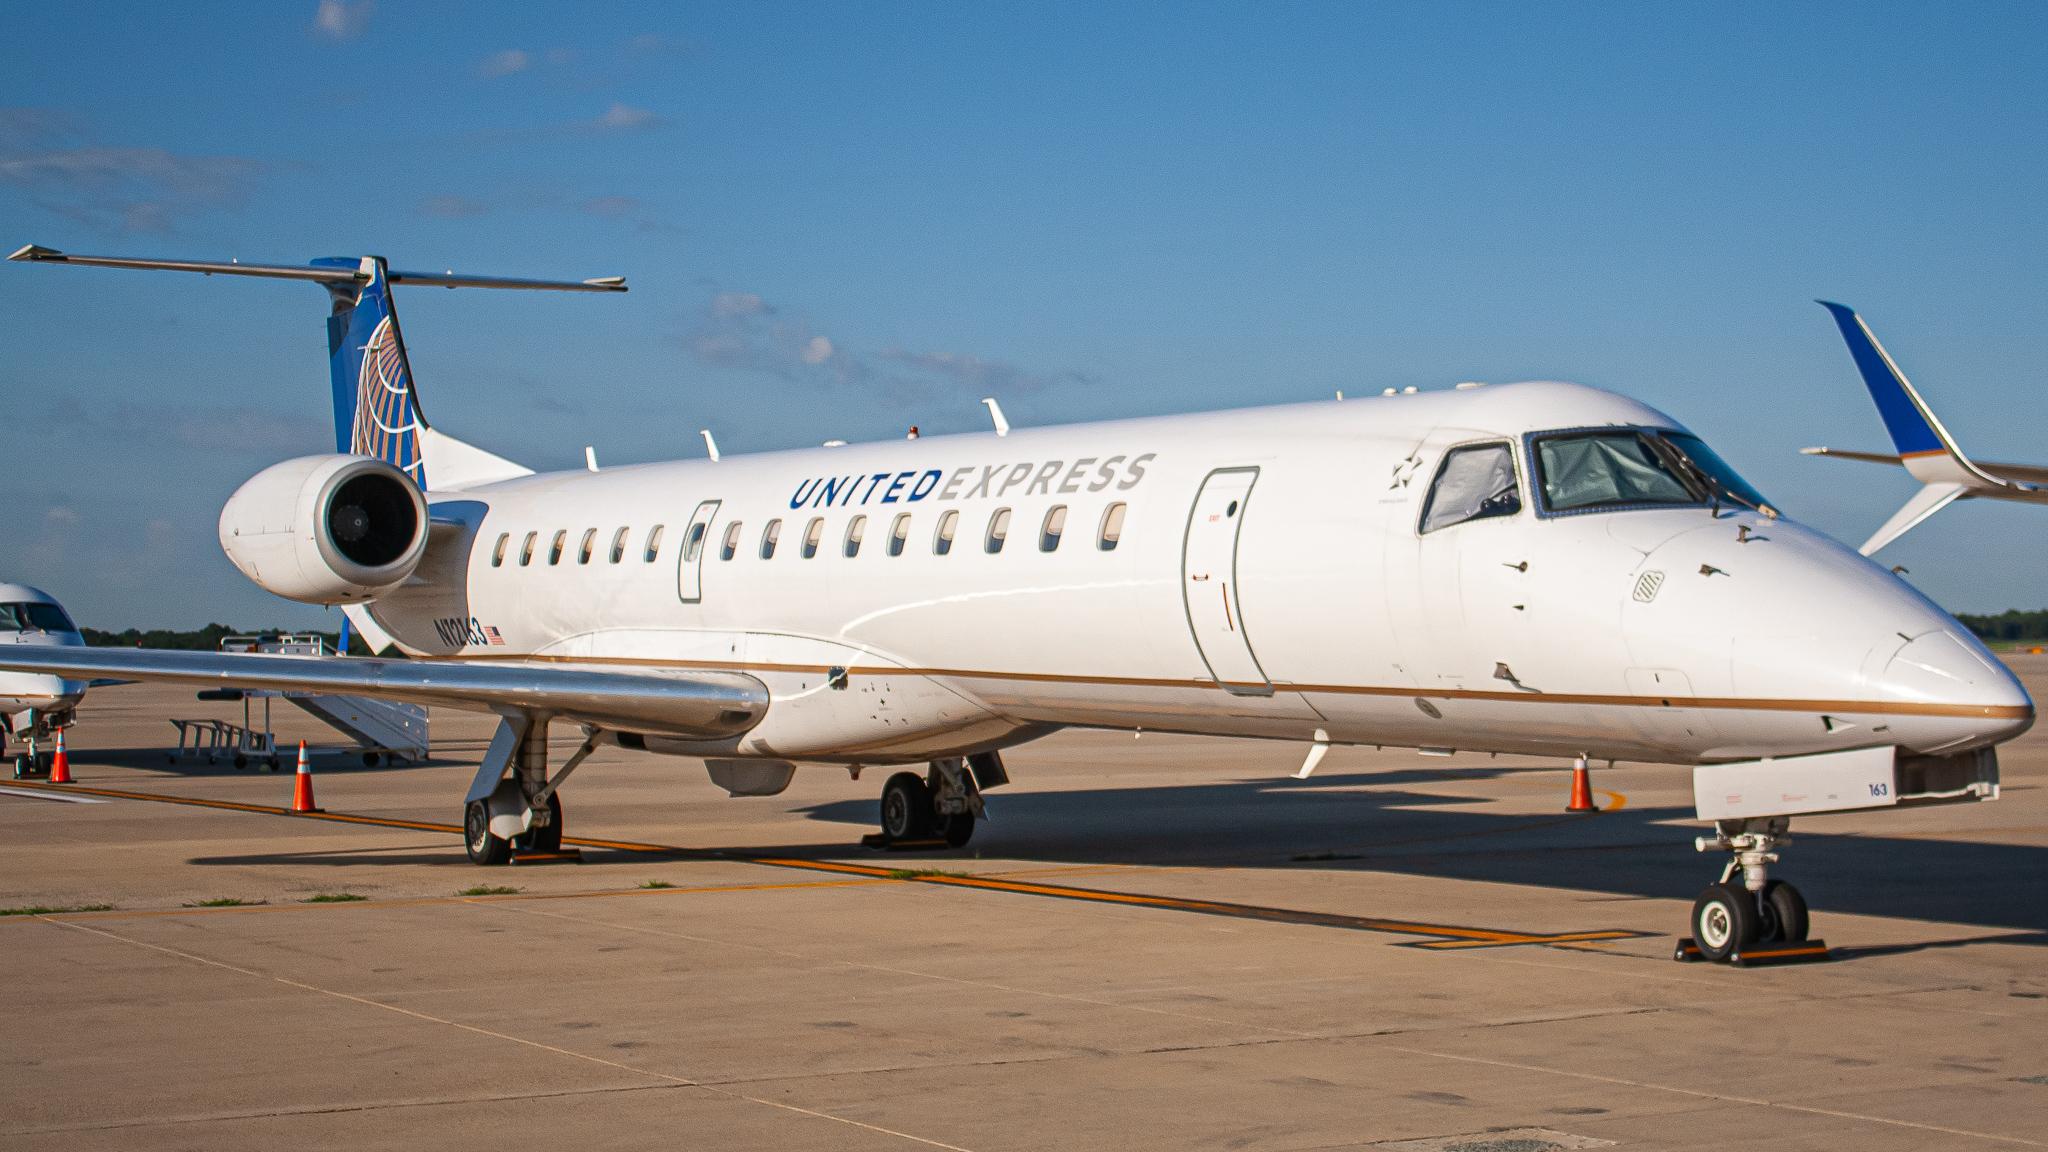 Photo of N12163 - United Express Embraer ERJ145 at IAD